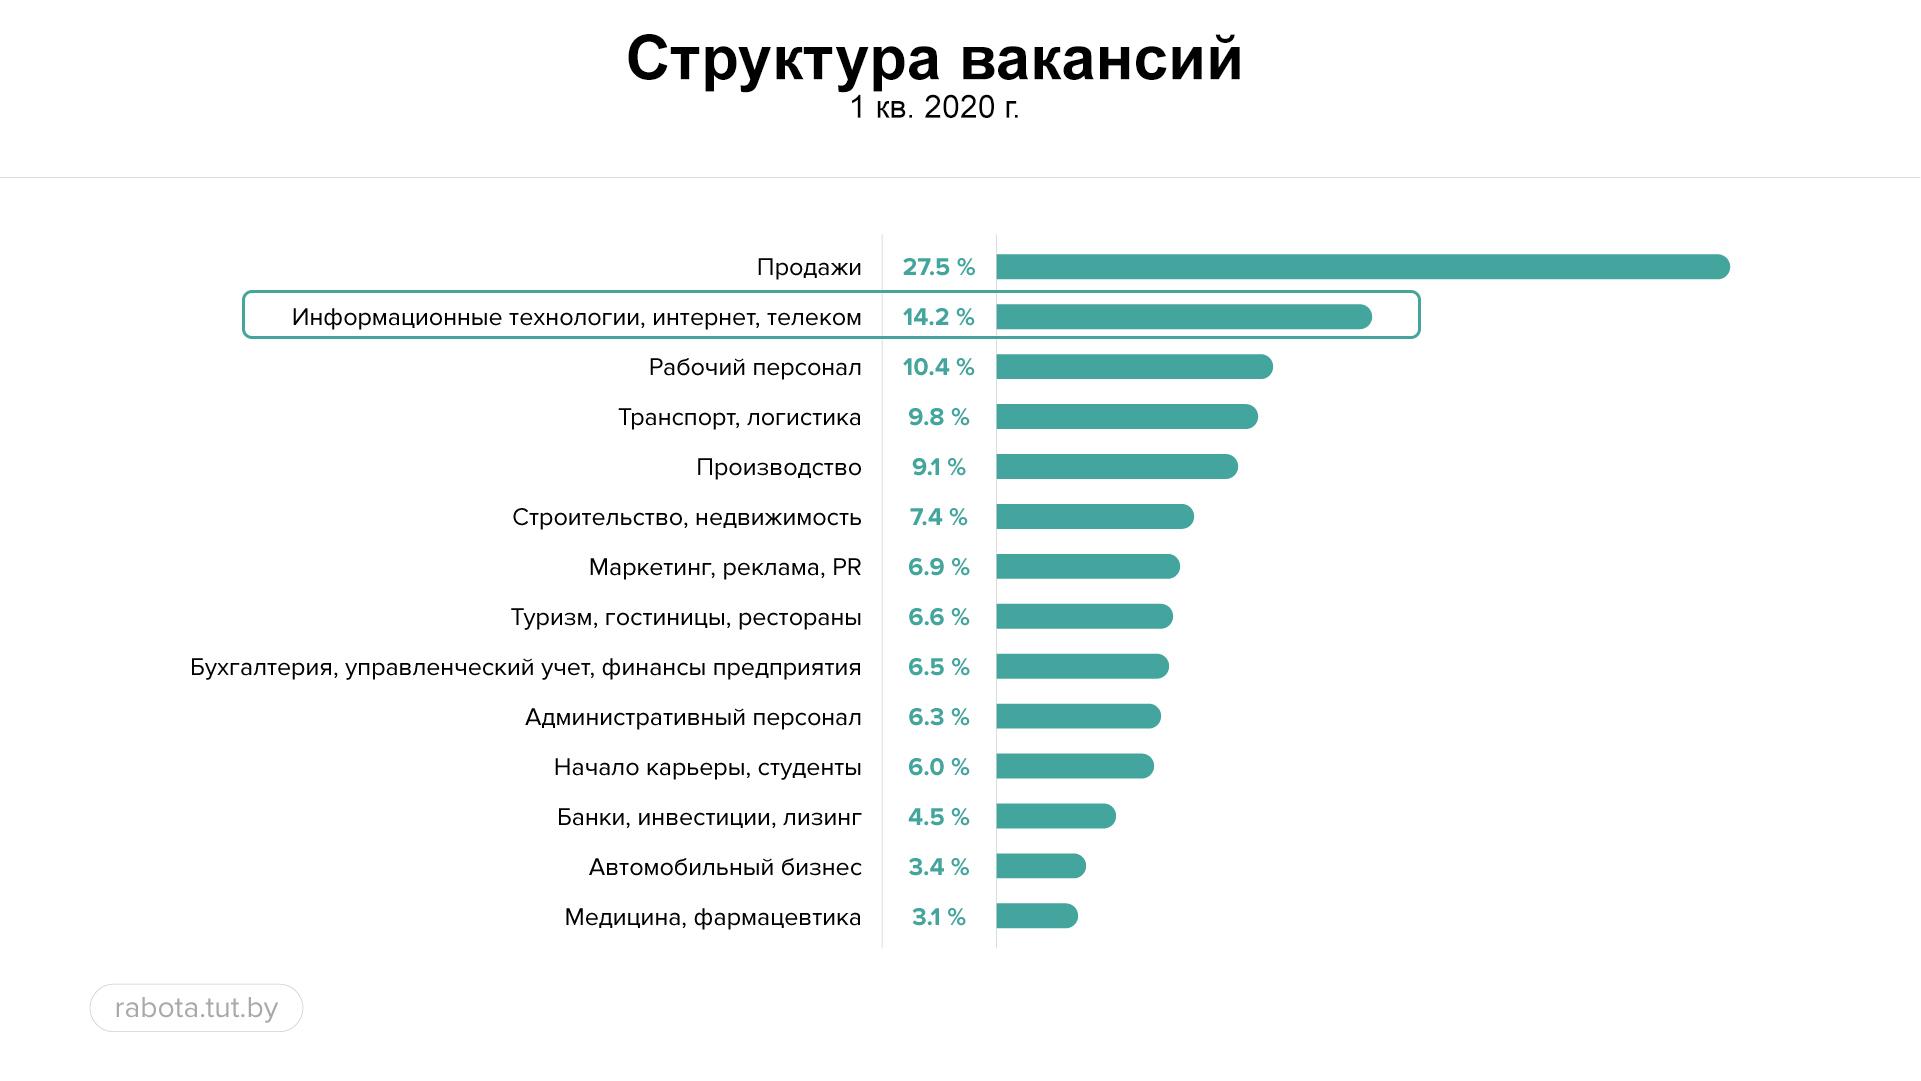 Рынок труда в ИТ: реалии по итогам 1 квартала 2020 года